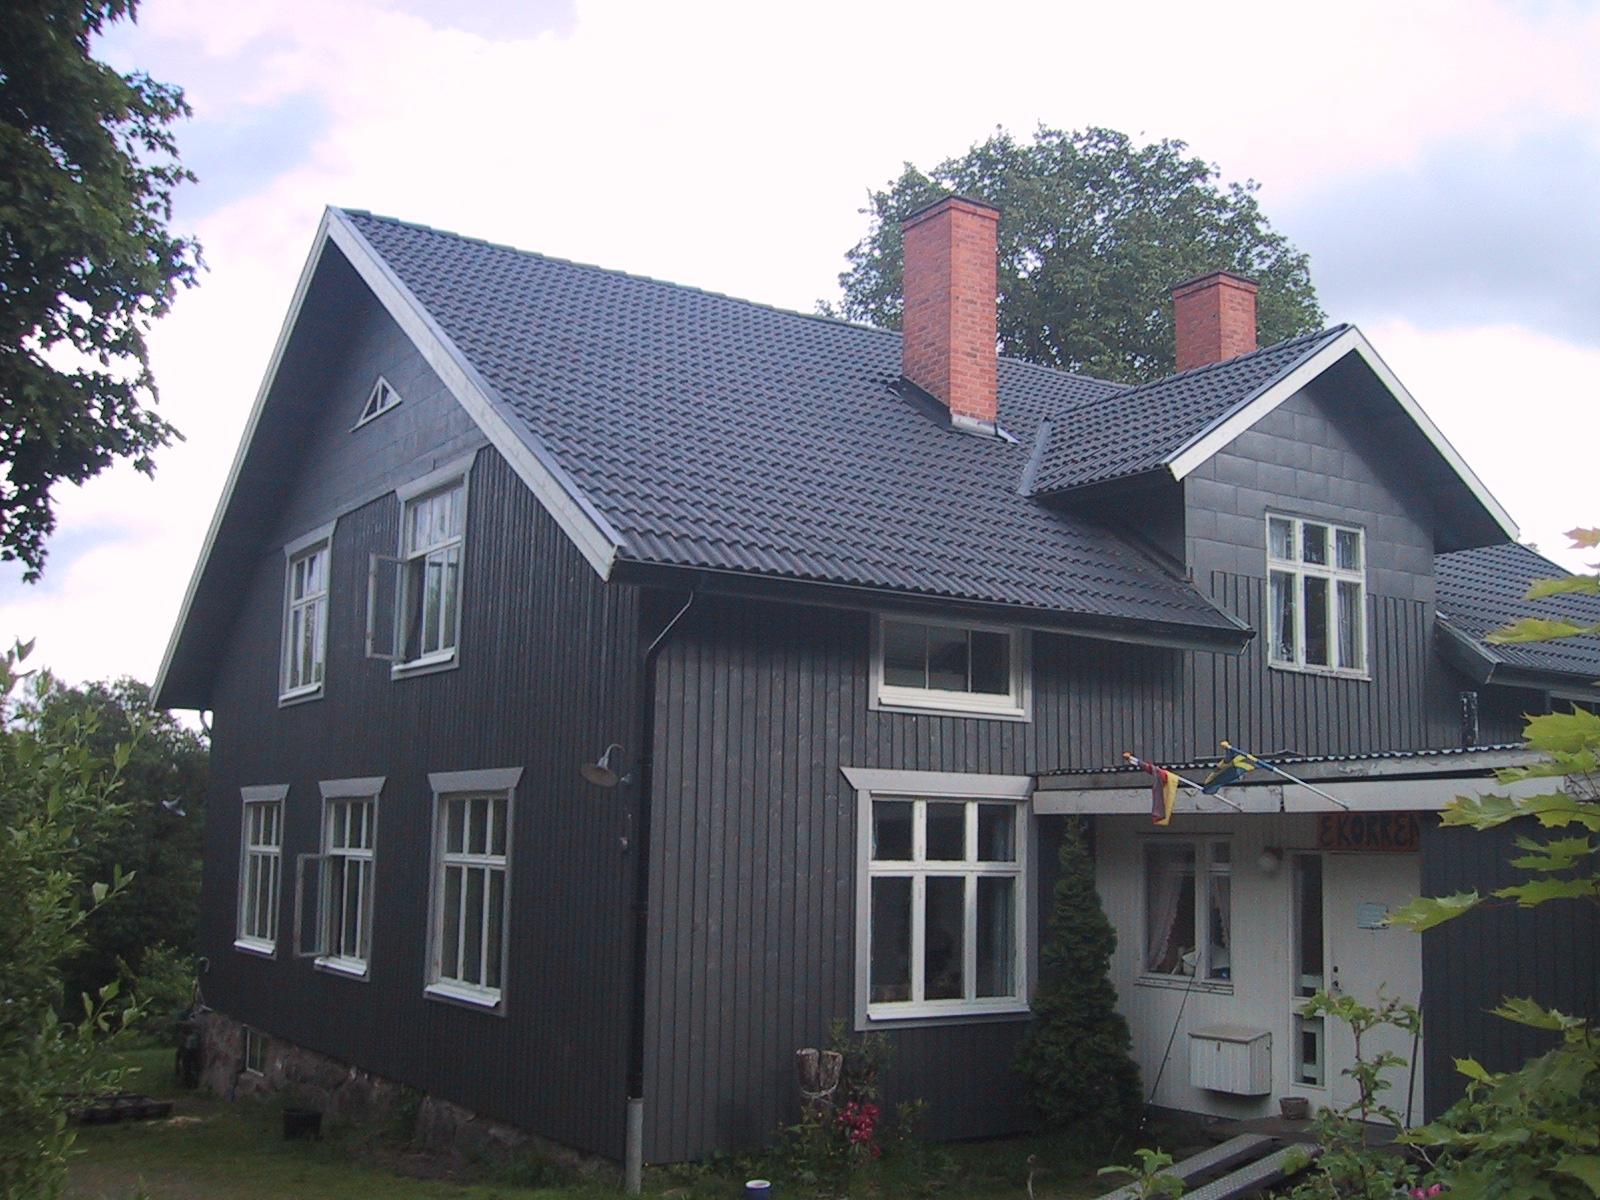 h006_1 Faszinierend Haus Am See Garbsen Dekorationen